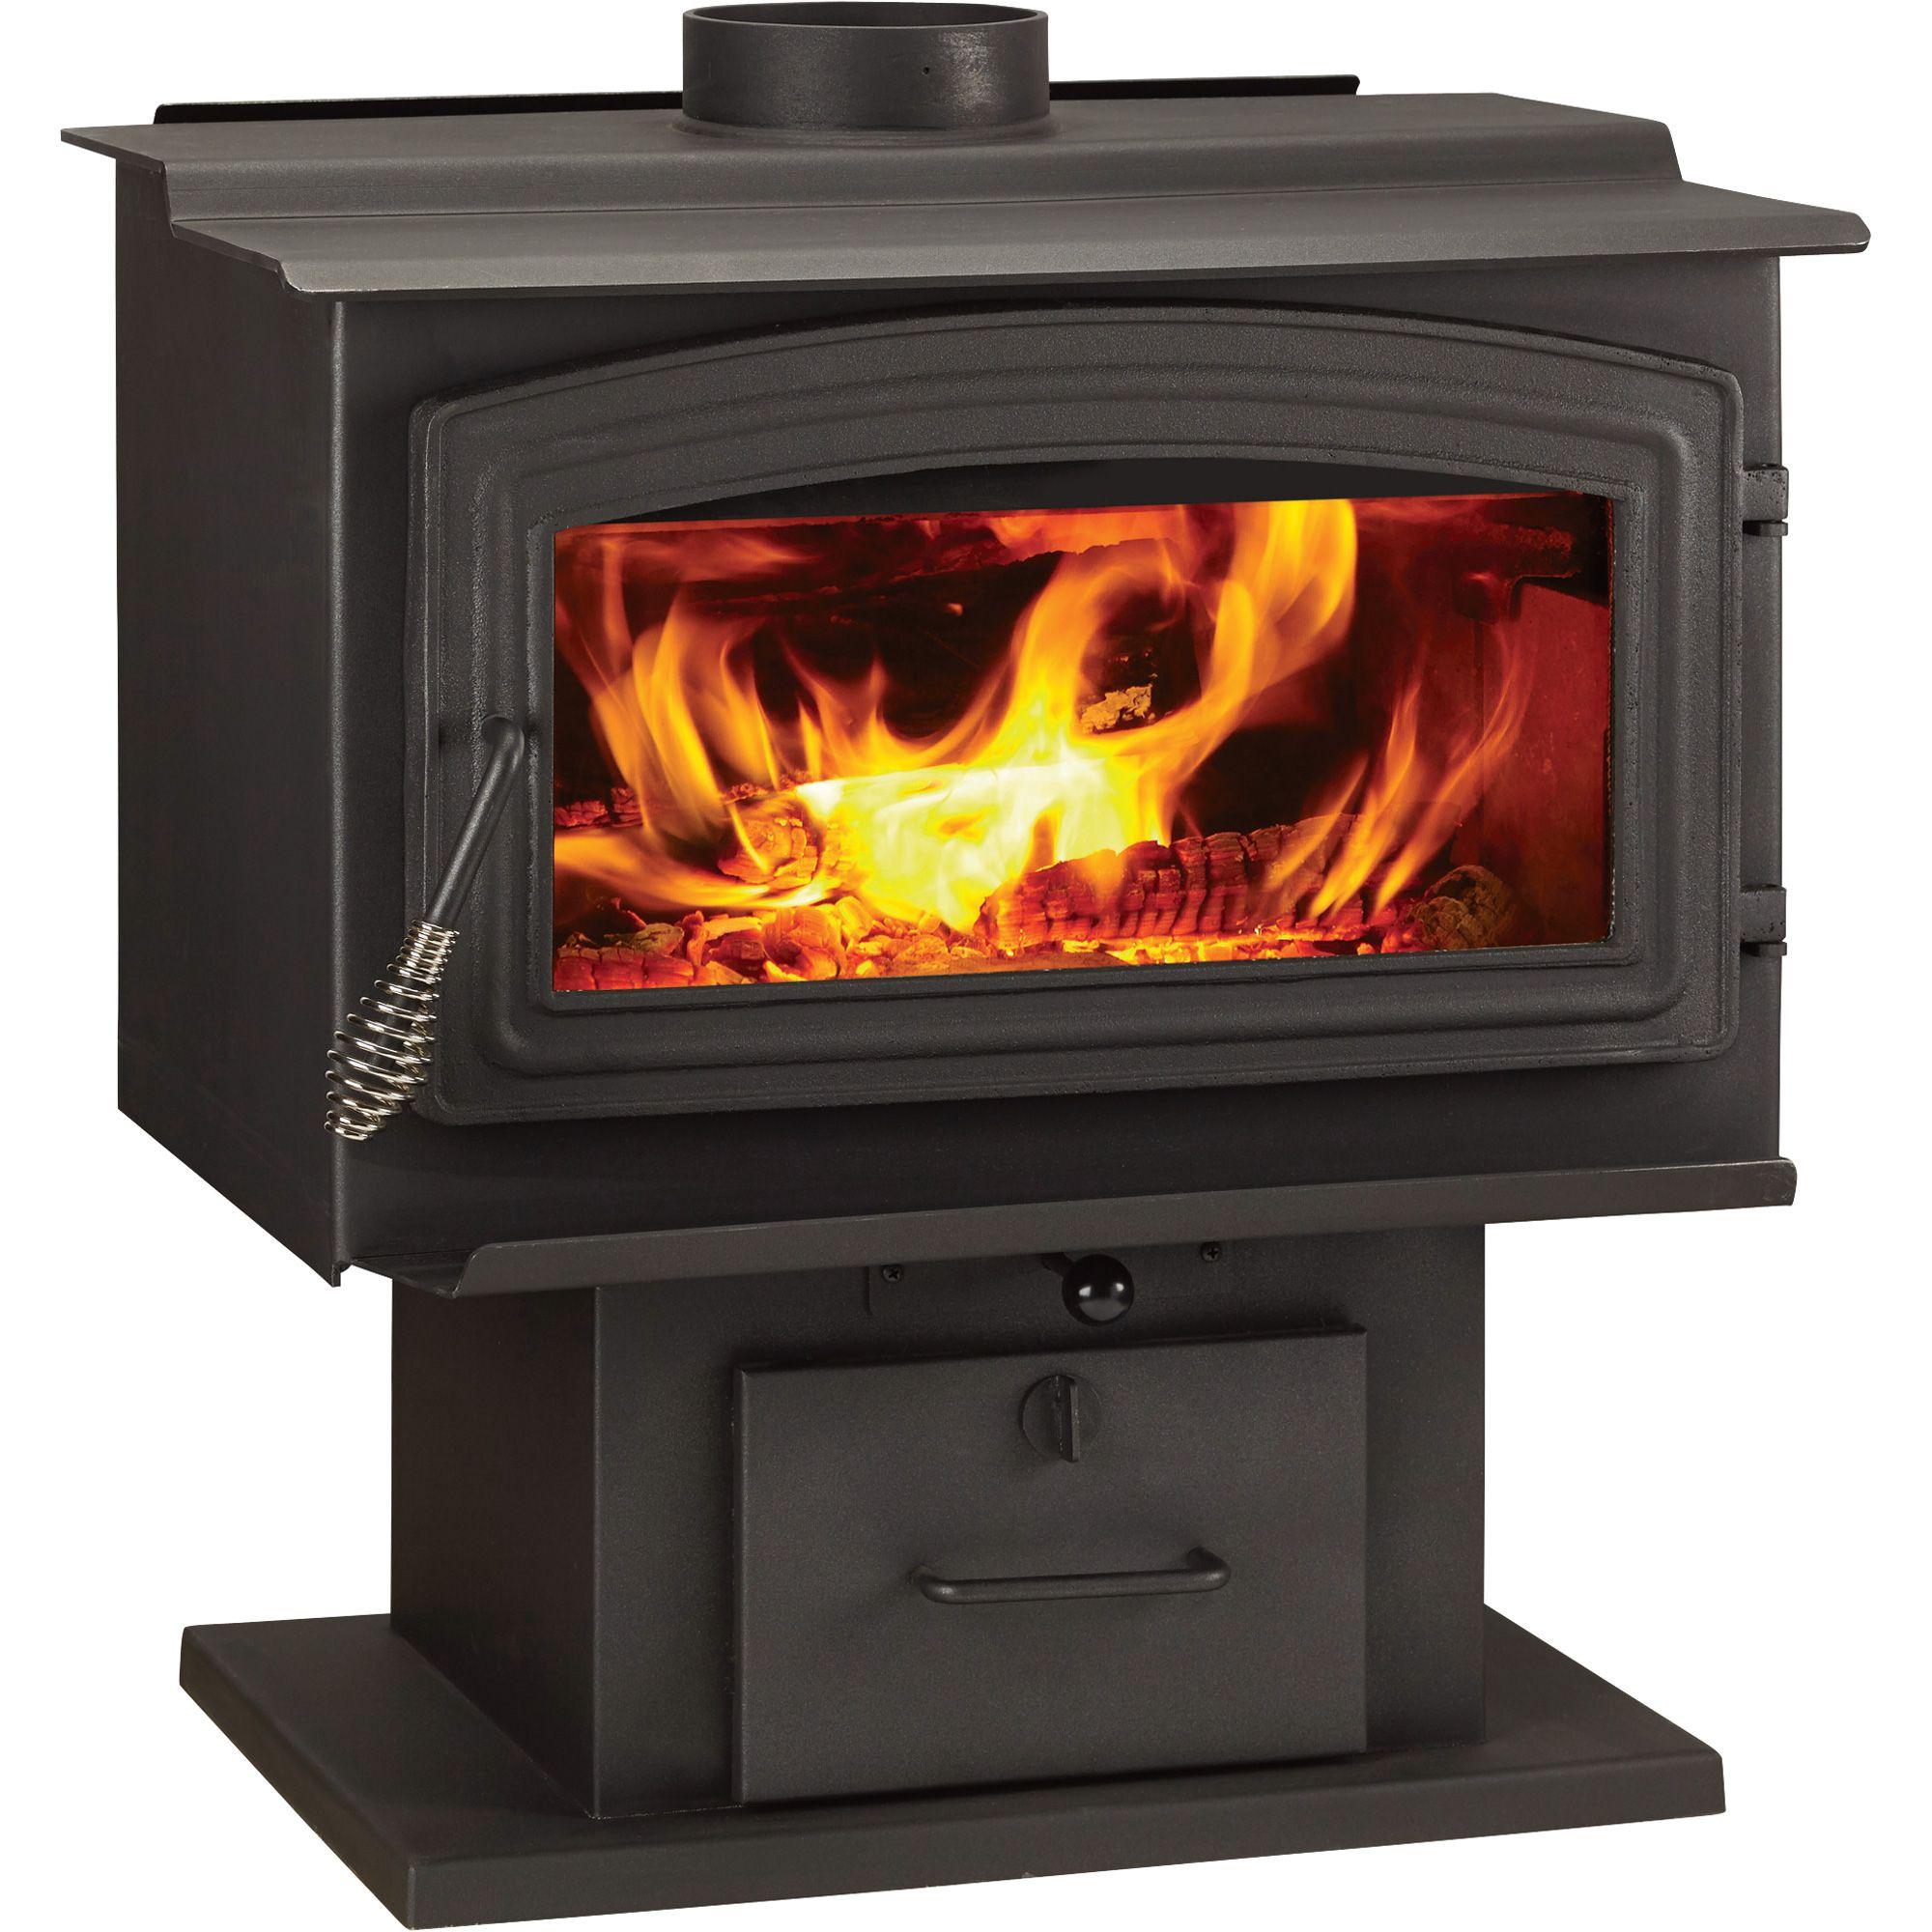 Woodpro Wood Stove 90 000 Btu Epa Certified Model Ws Ts 2000 Wood Stoves Northern Tool Wood Stove Wood Stove Fireplace Wood Burning Fireplace Inserts